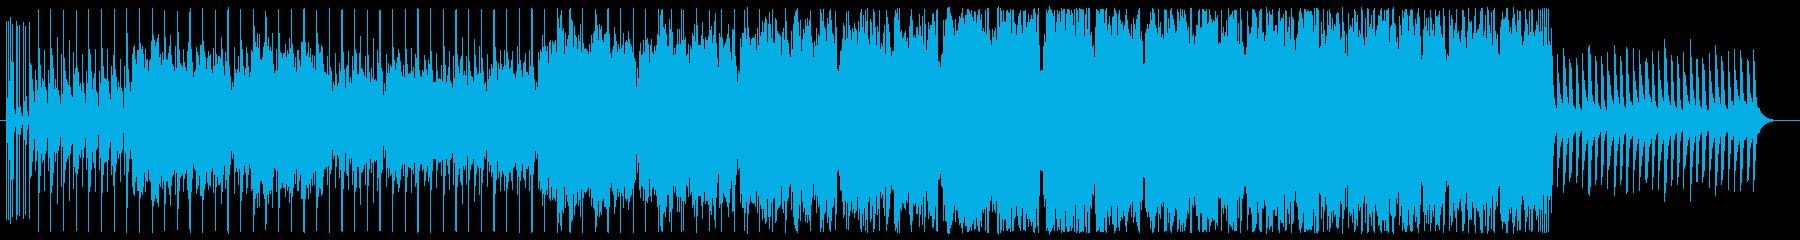 日常アニメのオープニングの再生済みの波形